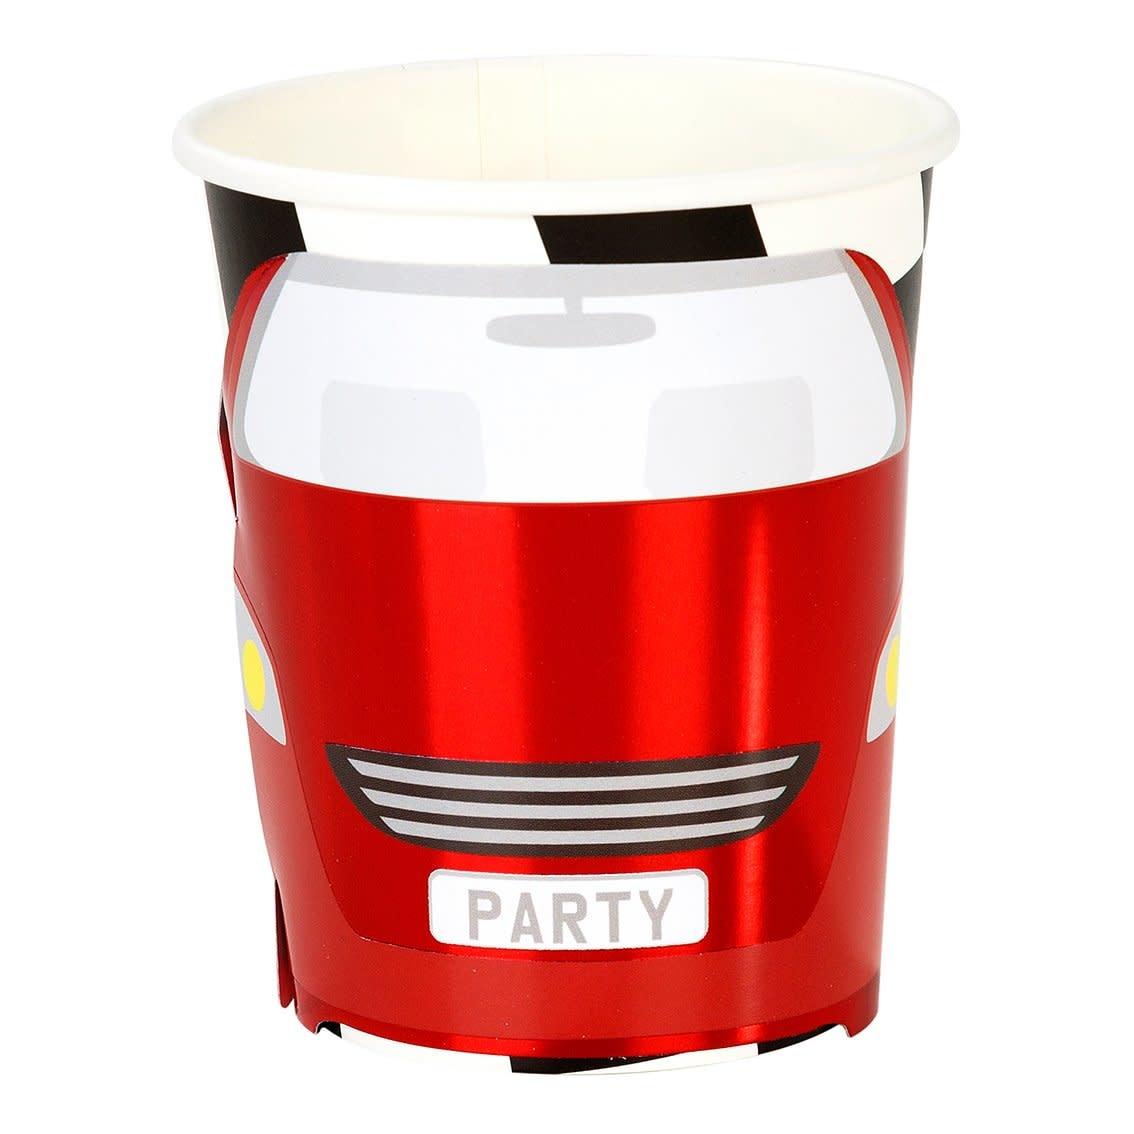 TT Party Racer Cups